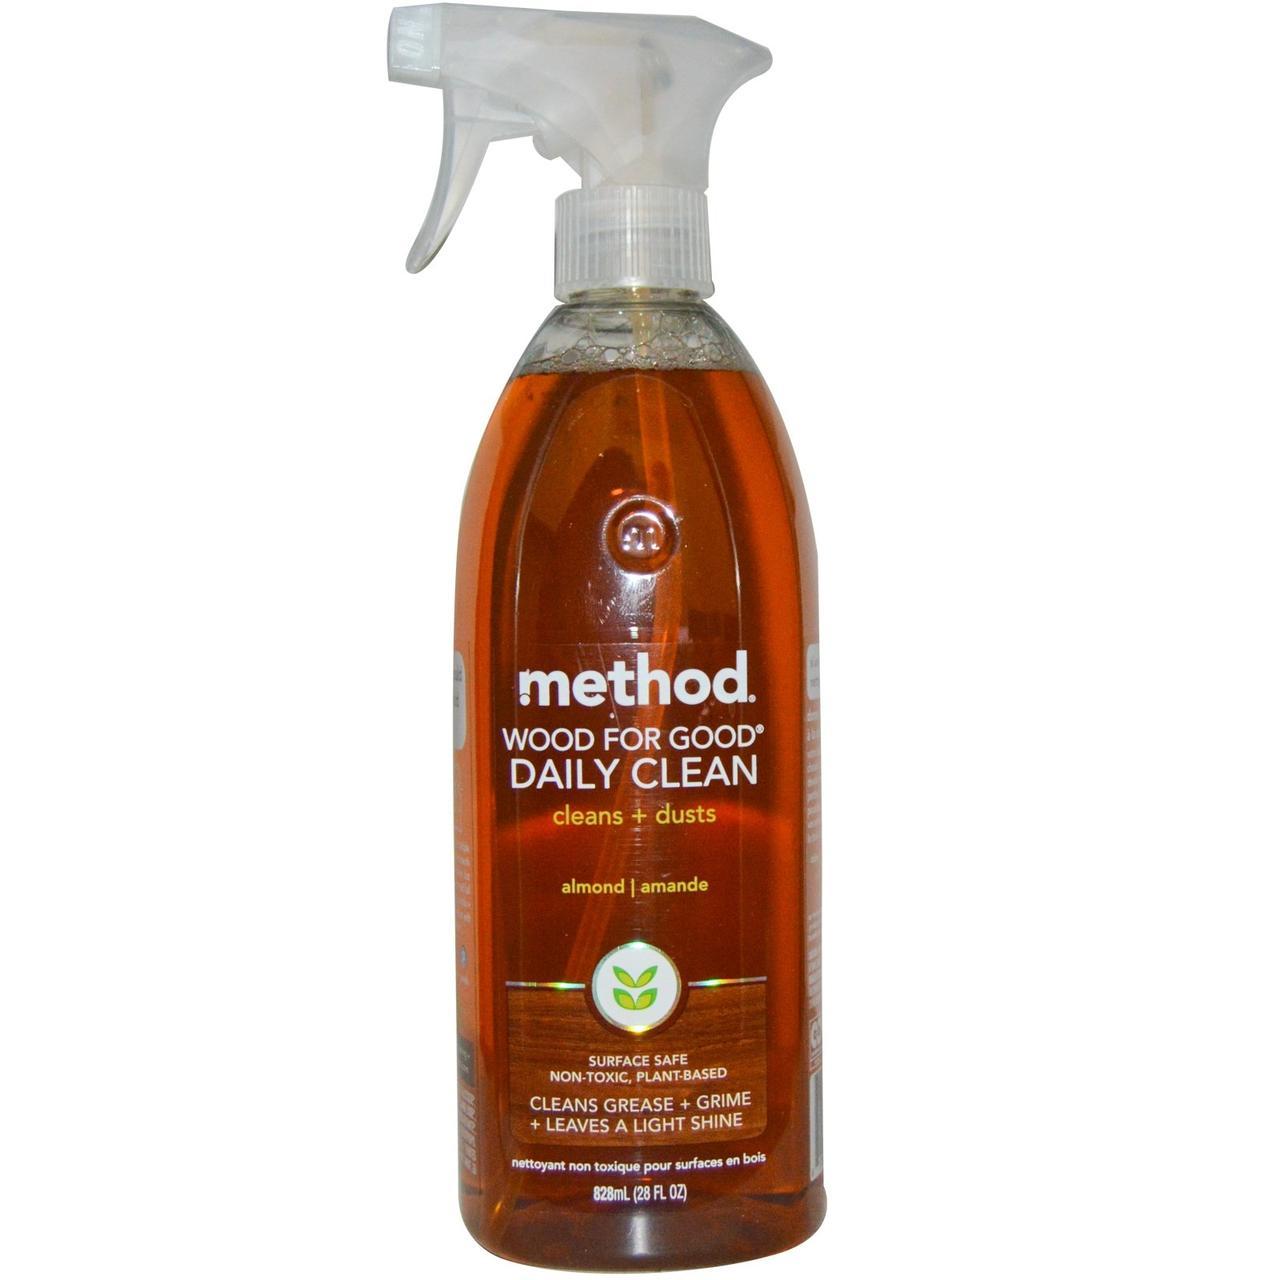 Method, Ежедневное очищающее средство для деревянных предметов Wood For Good, с миндалем, 28 жидких унций (828 мл)